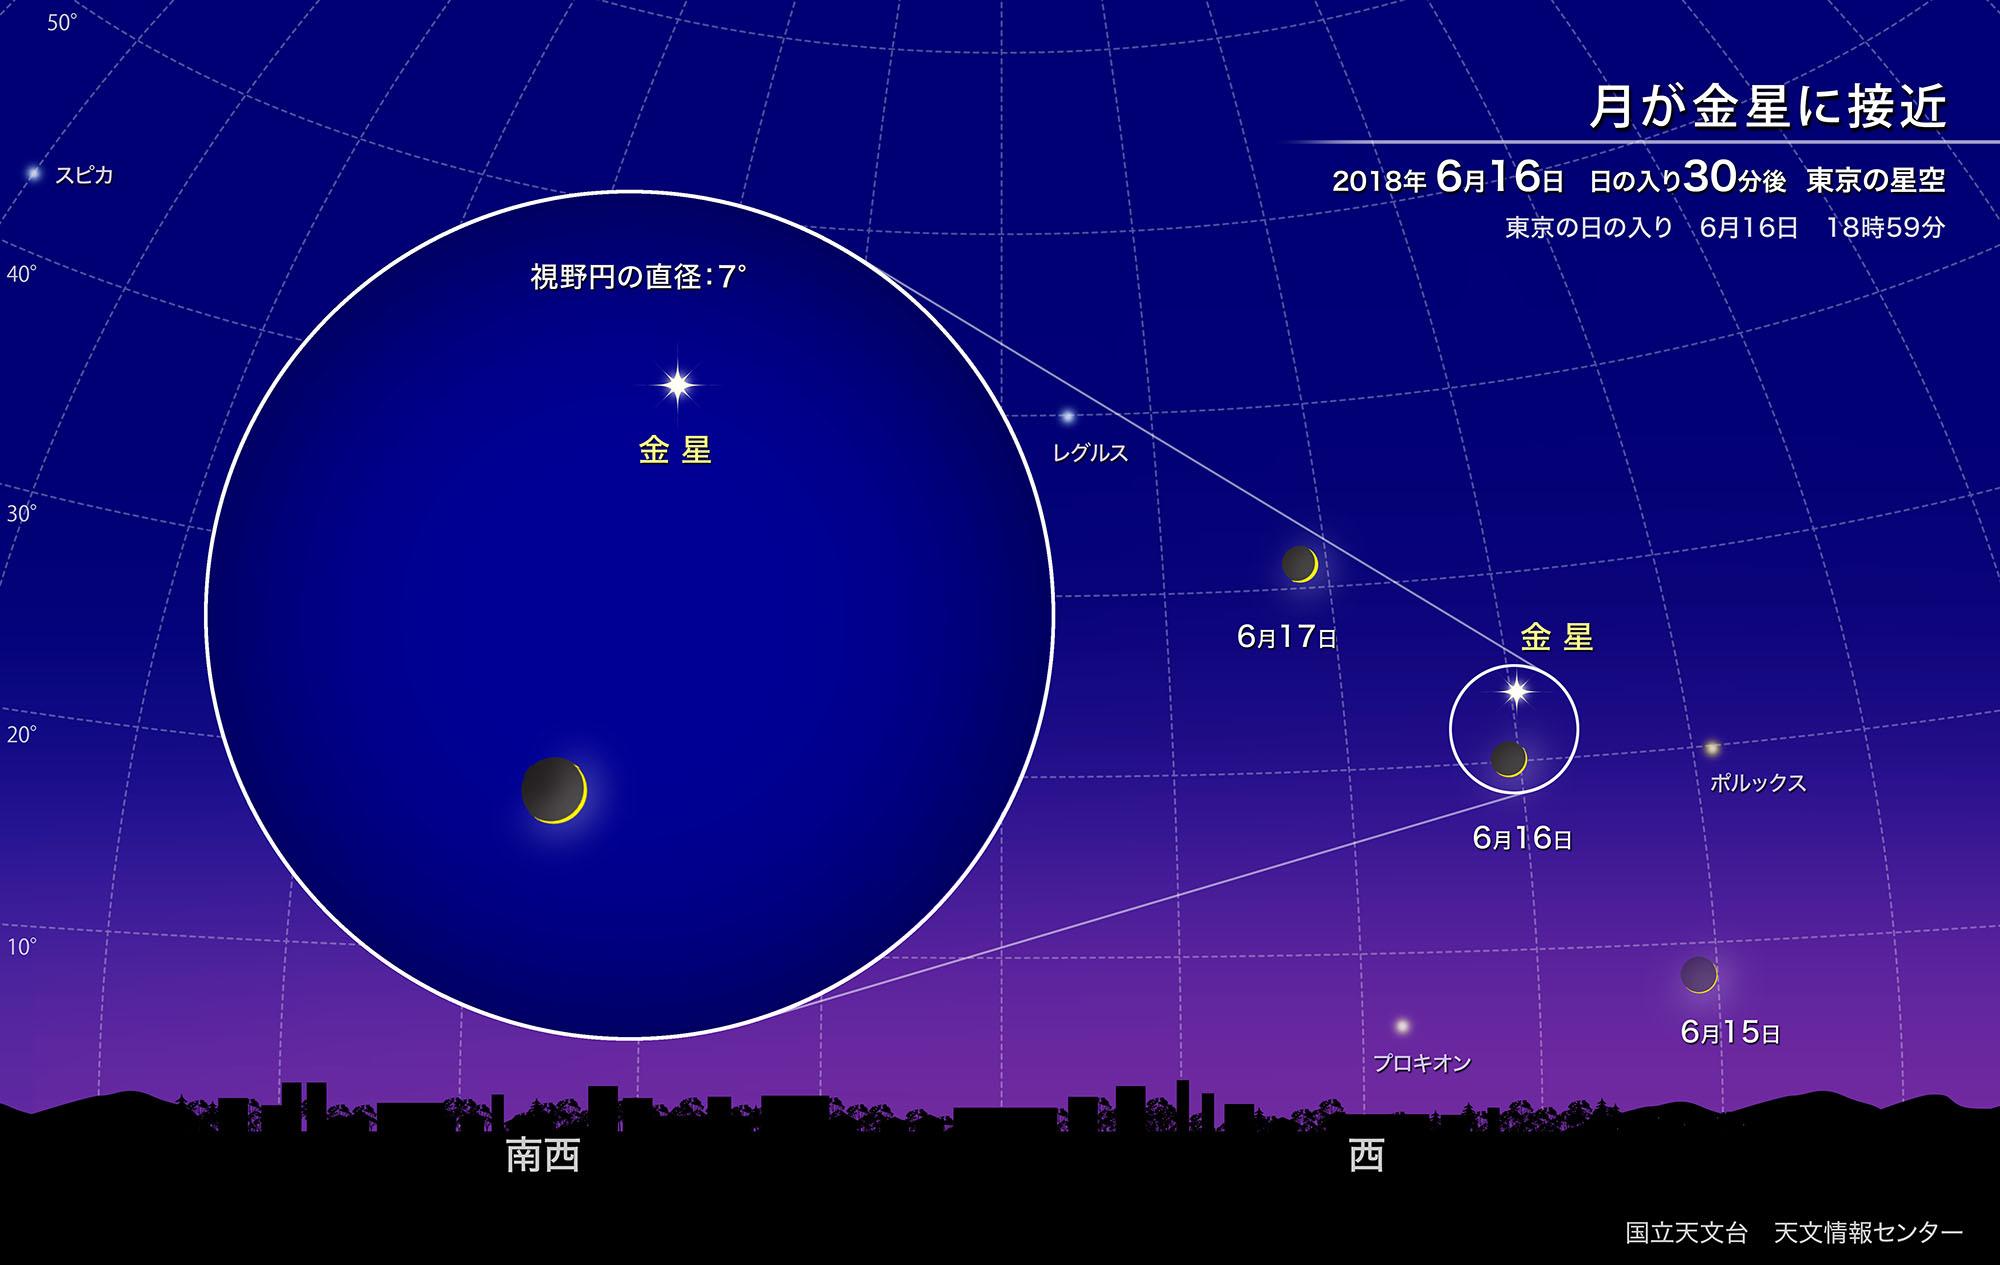 自然科学研究機構 国立天文台月が金星に接近(2018年6月)